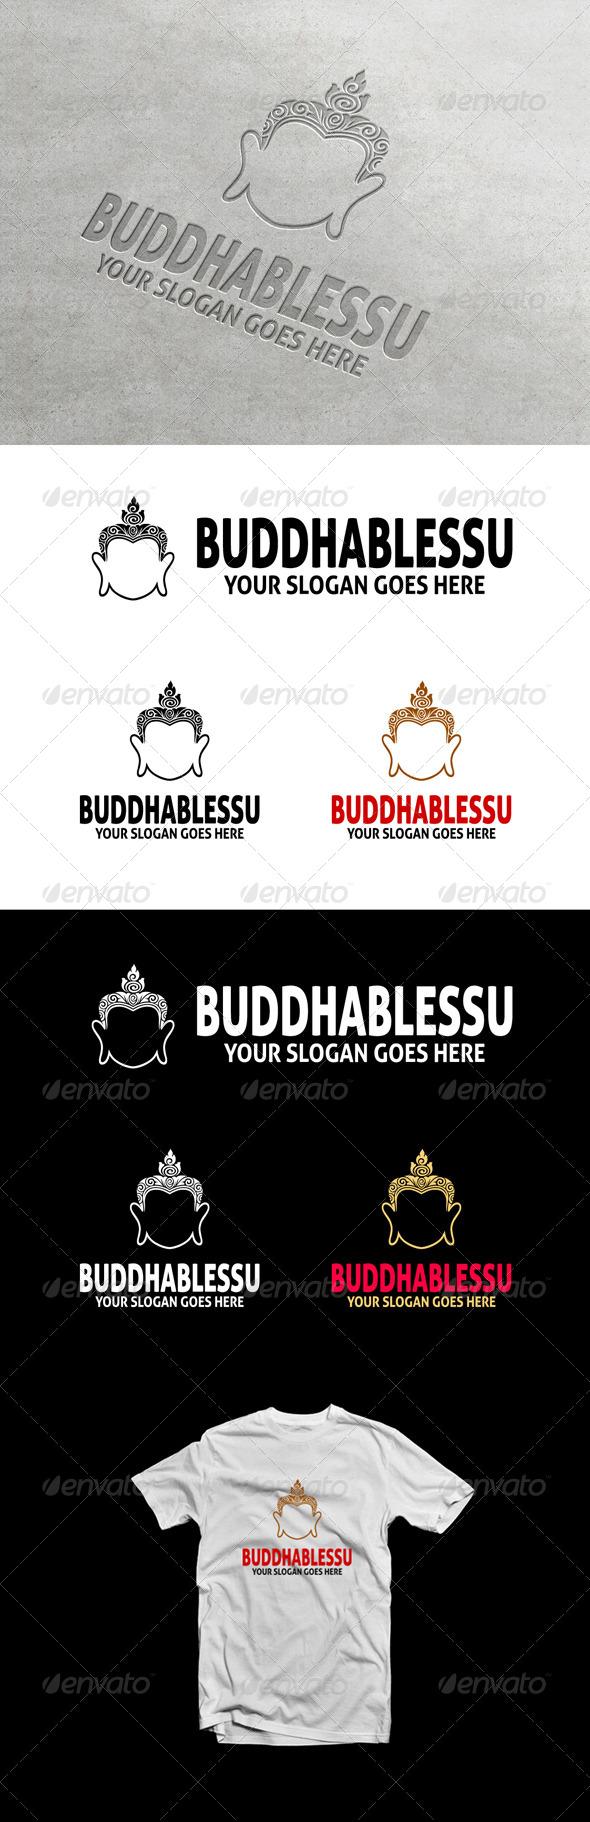 GraphicRiver BuddhaBlessU Logo 6901879